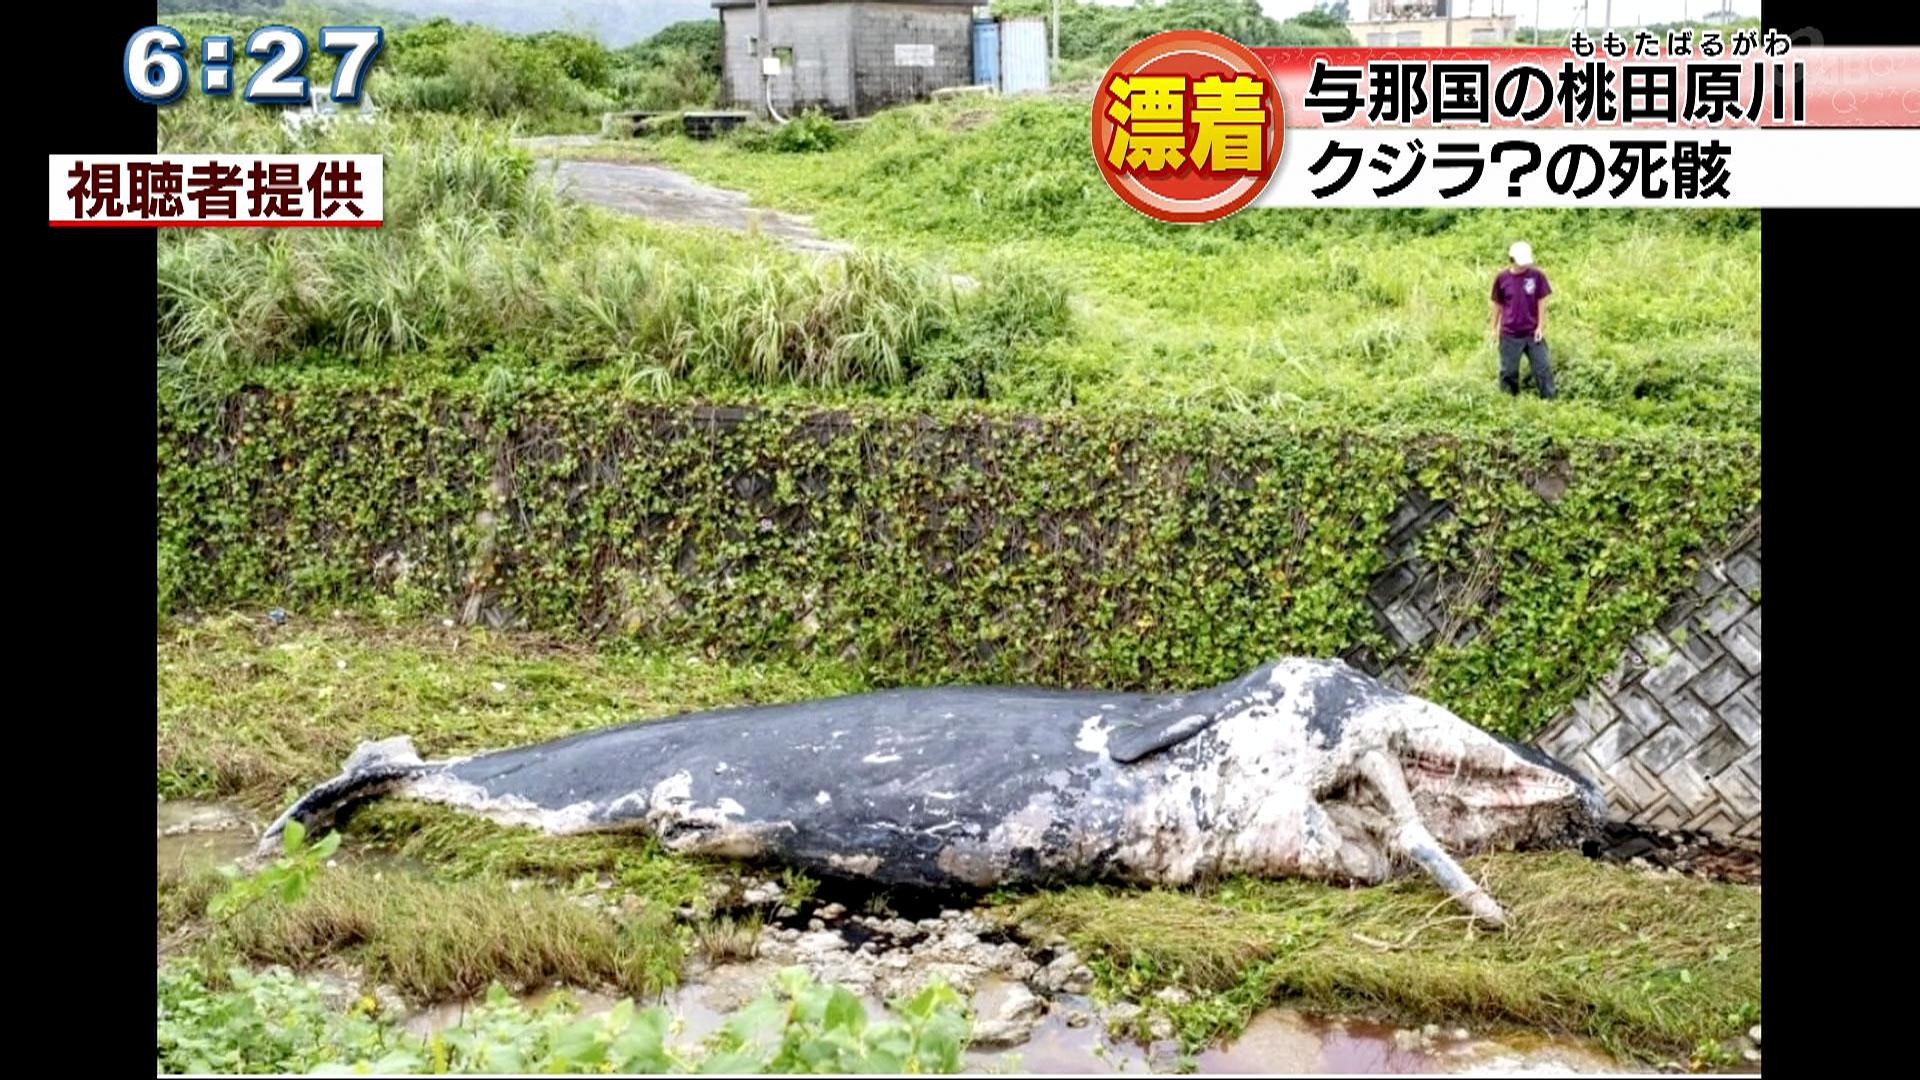 台風の影響?与那国島の川にクジラの死骸?